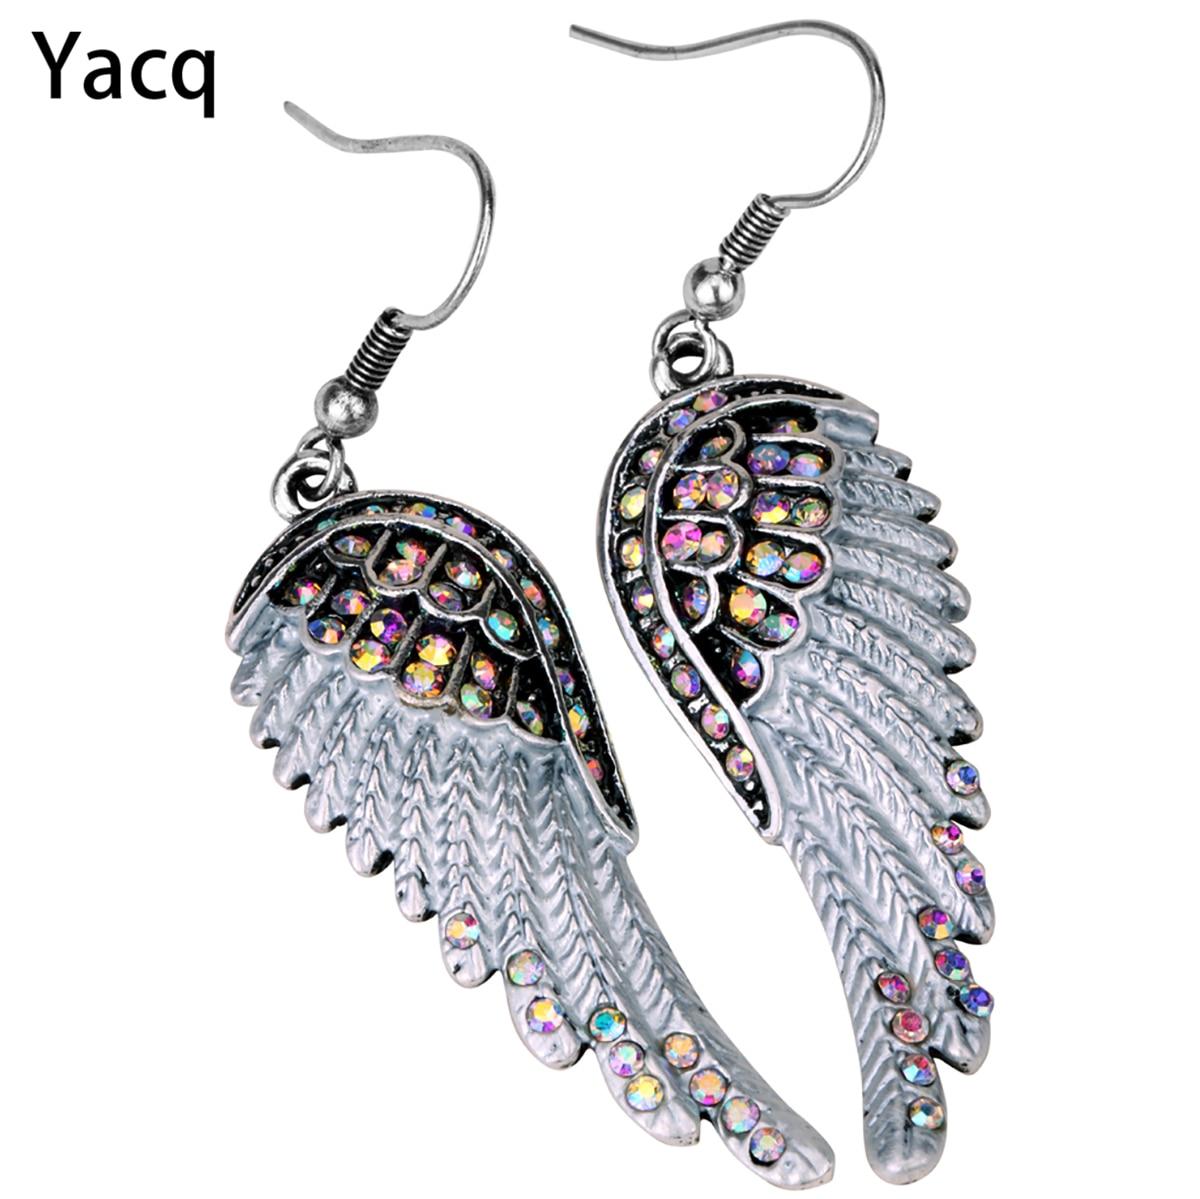 Krahët e engjëjve varen nga vathët e argjendit antik prej ari W - Bizhuteri të modës